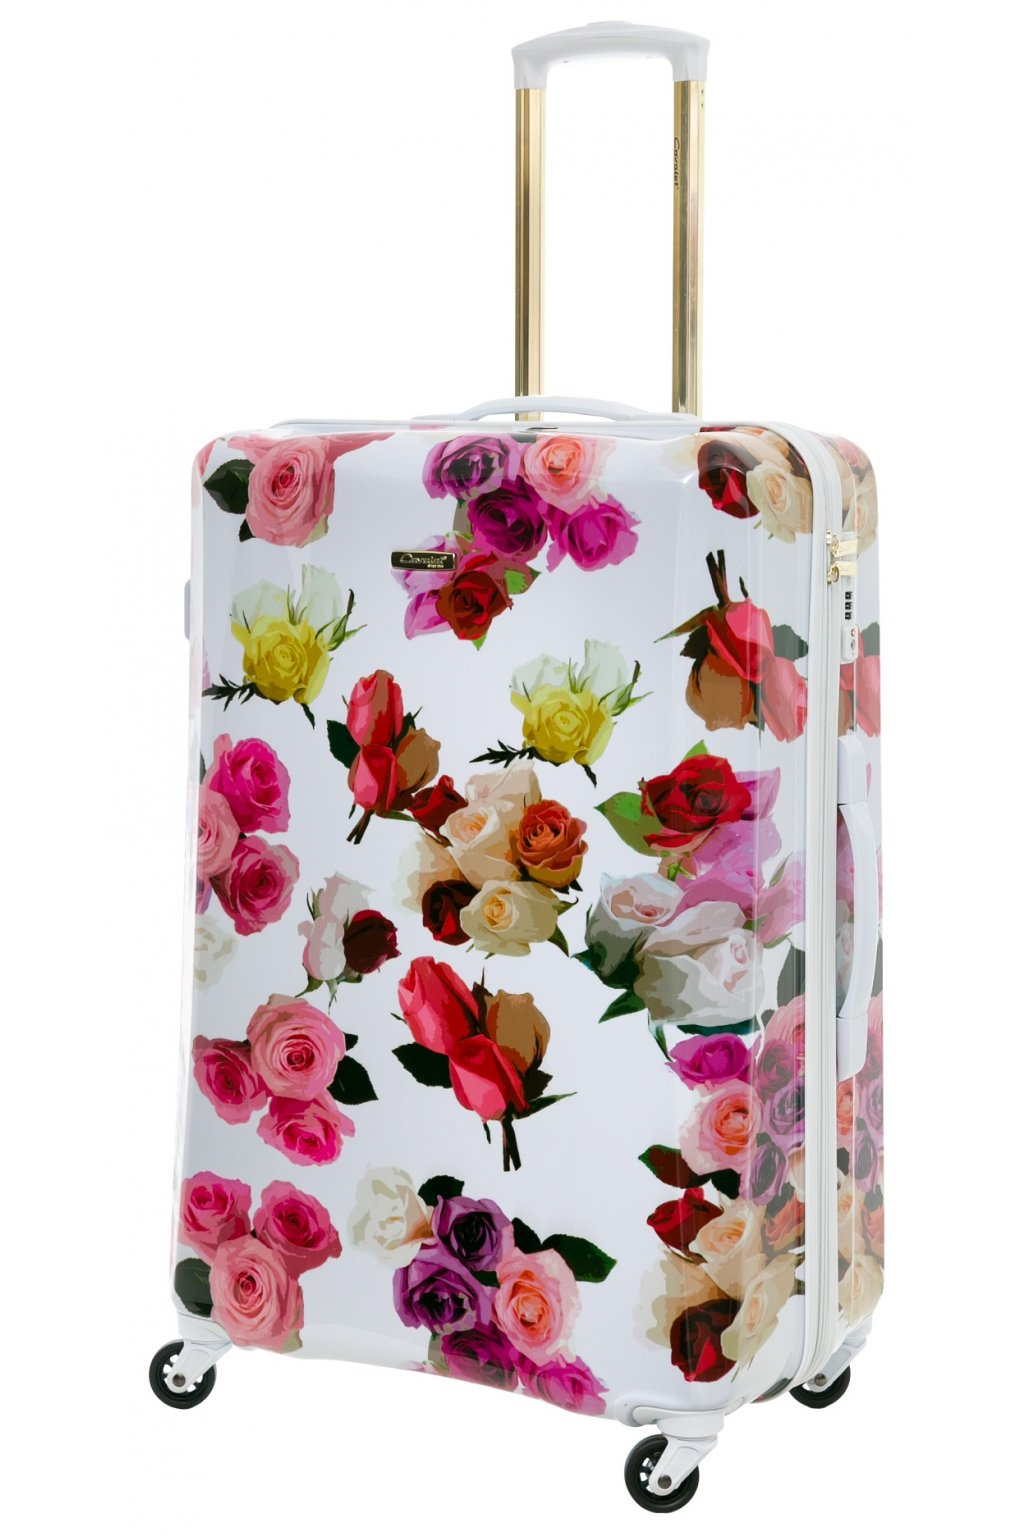 kufrland cavalet roseflower white (18)